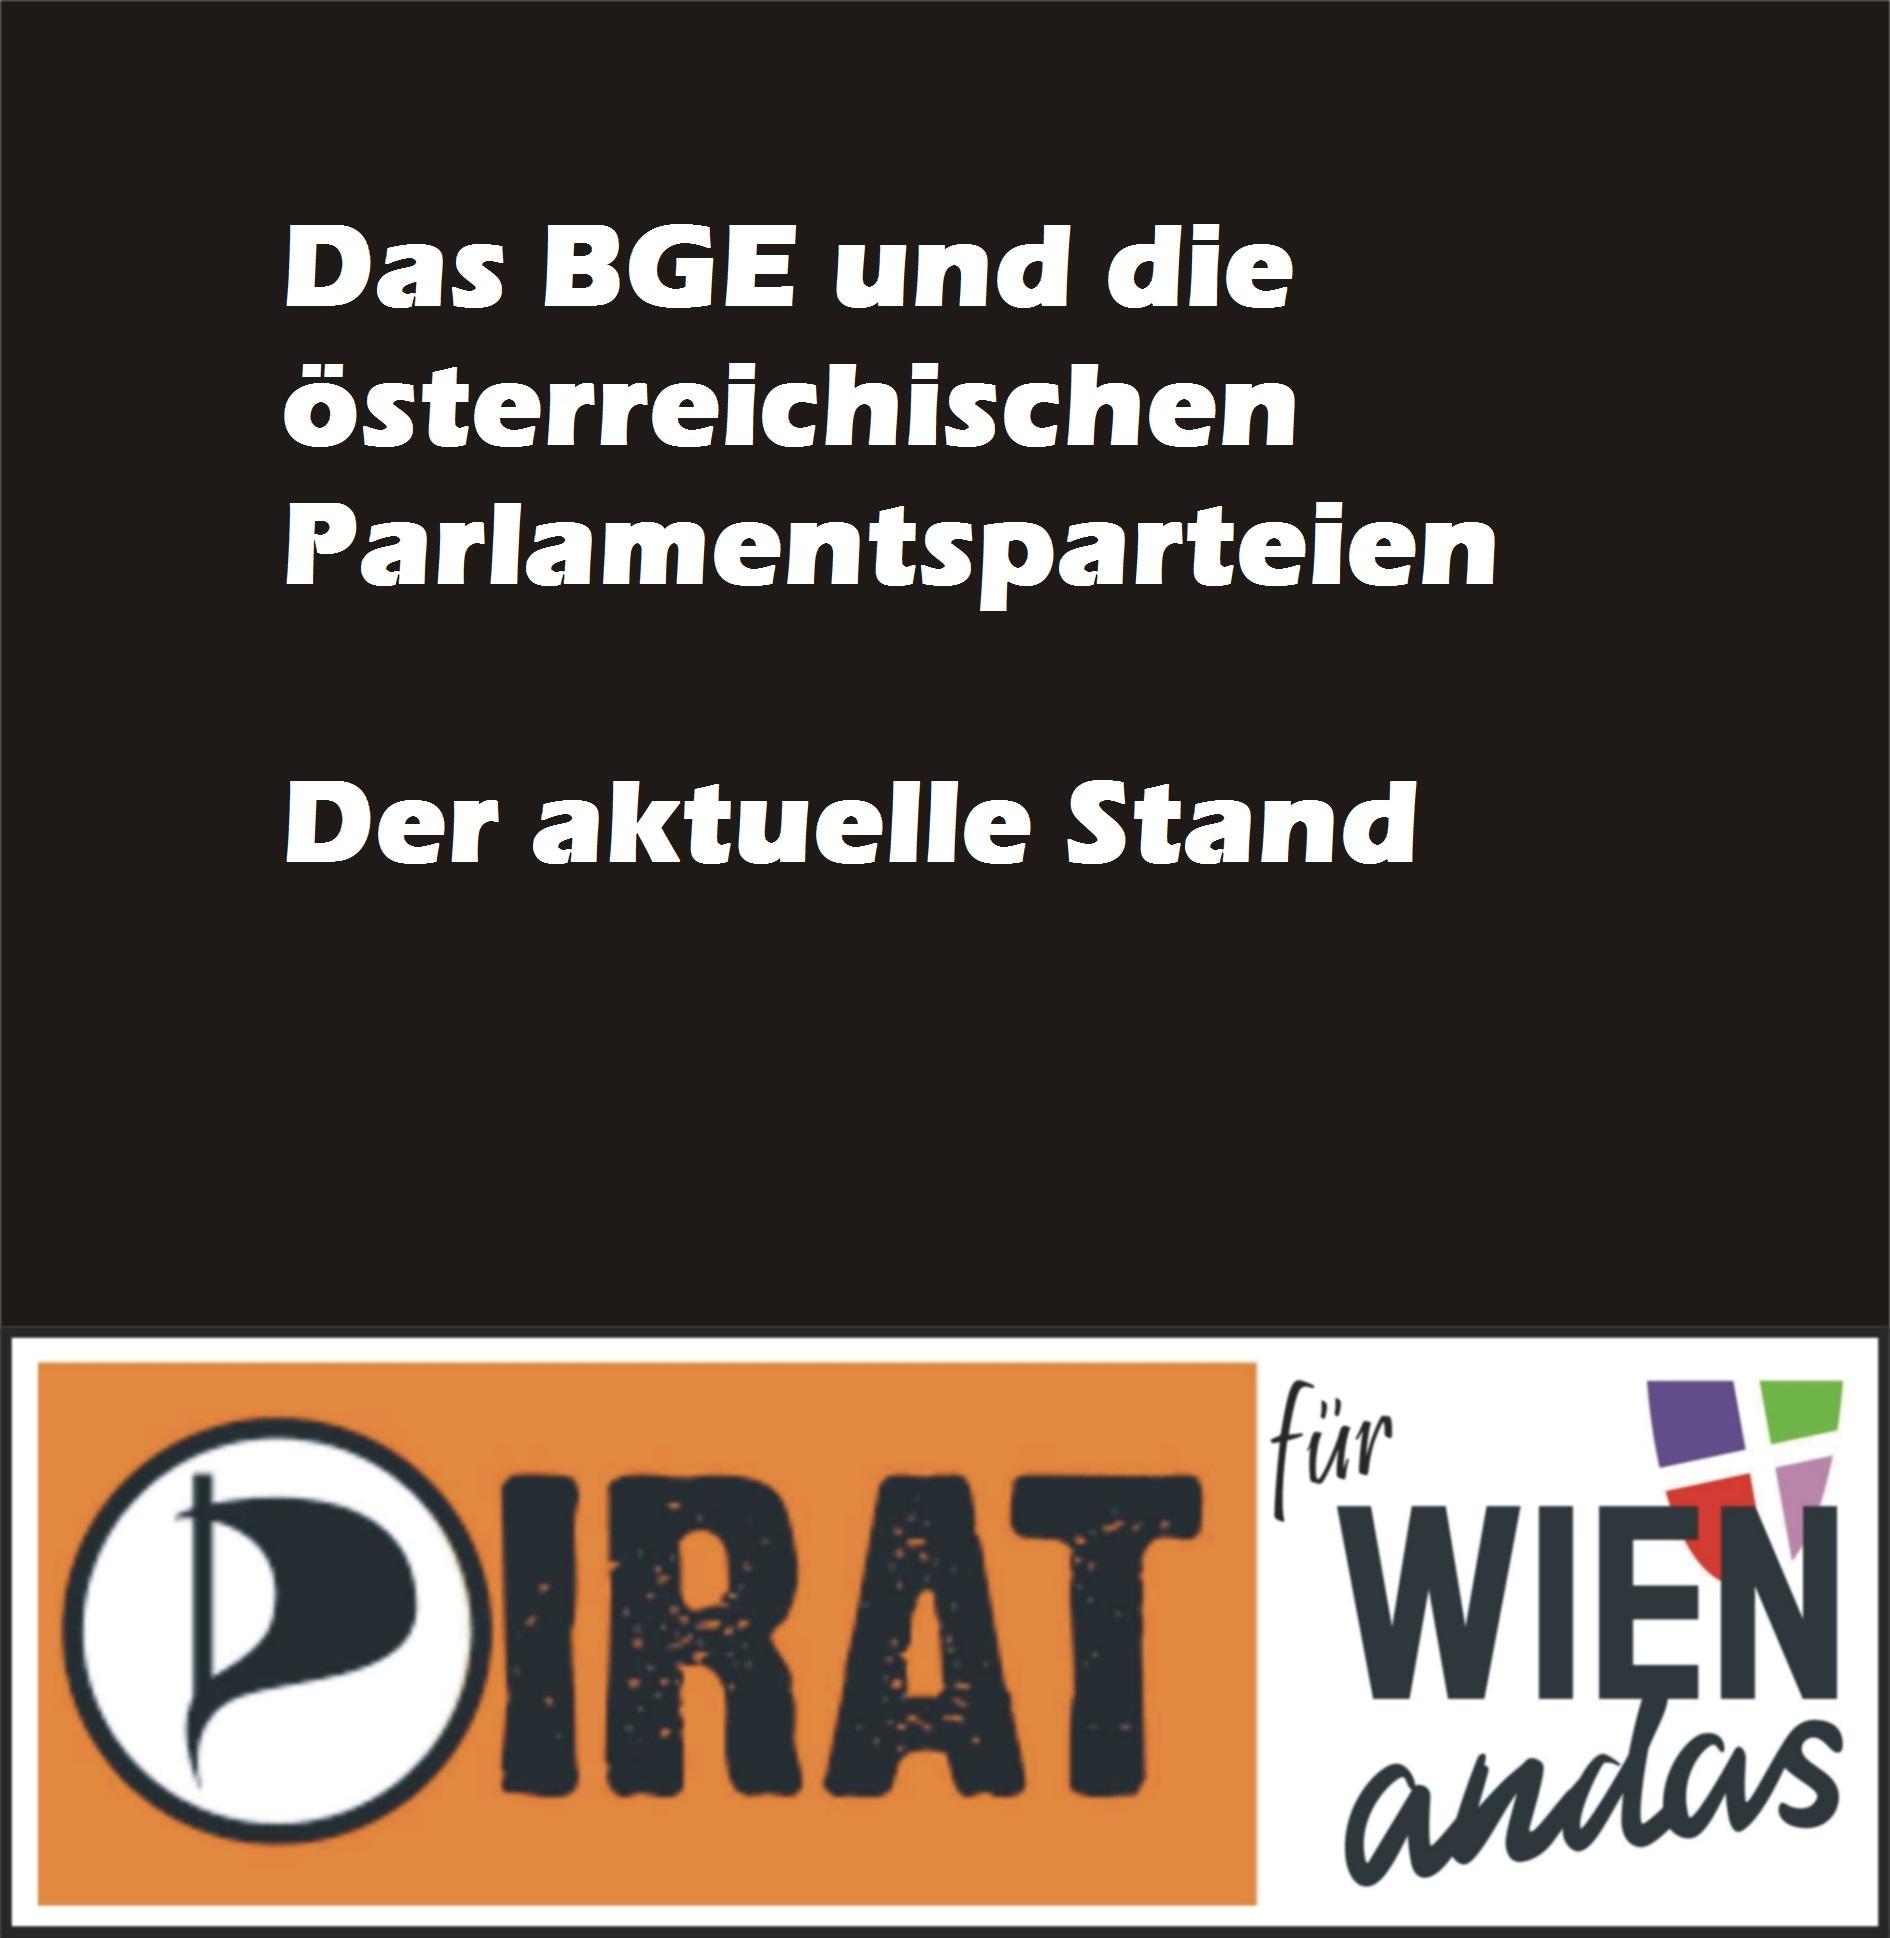 Das BGE und die österreichischen Parlamentsparteien